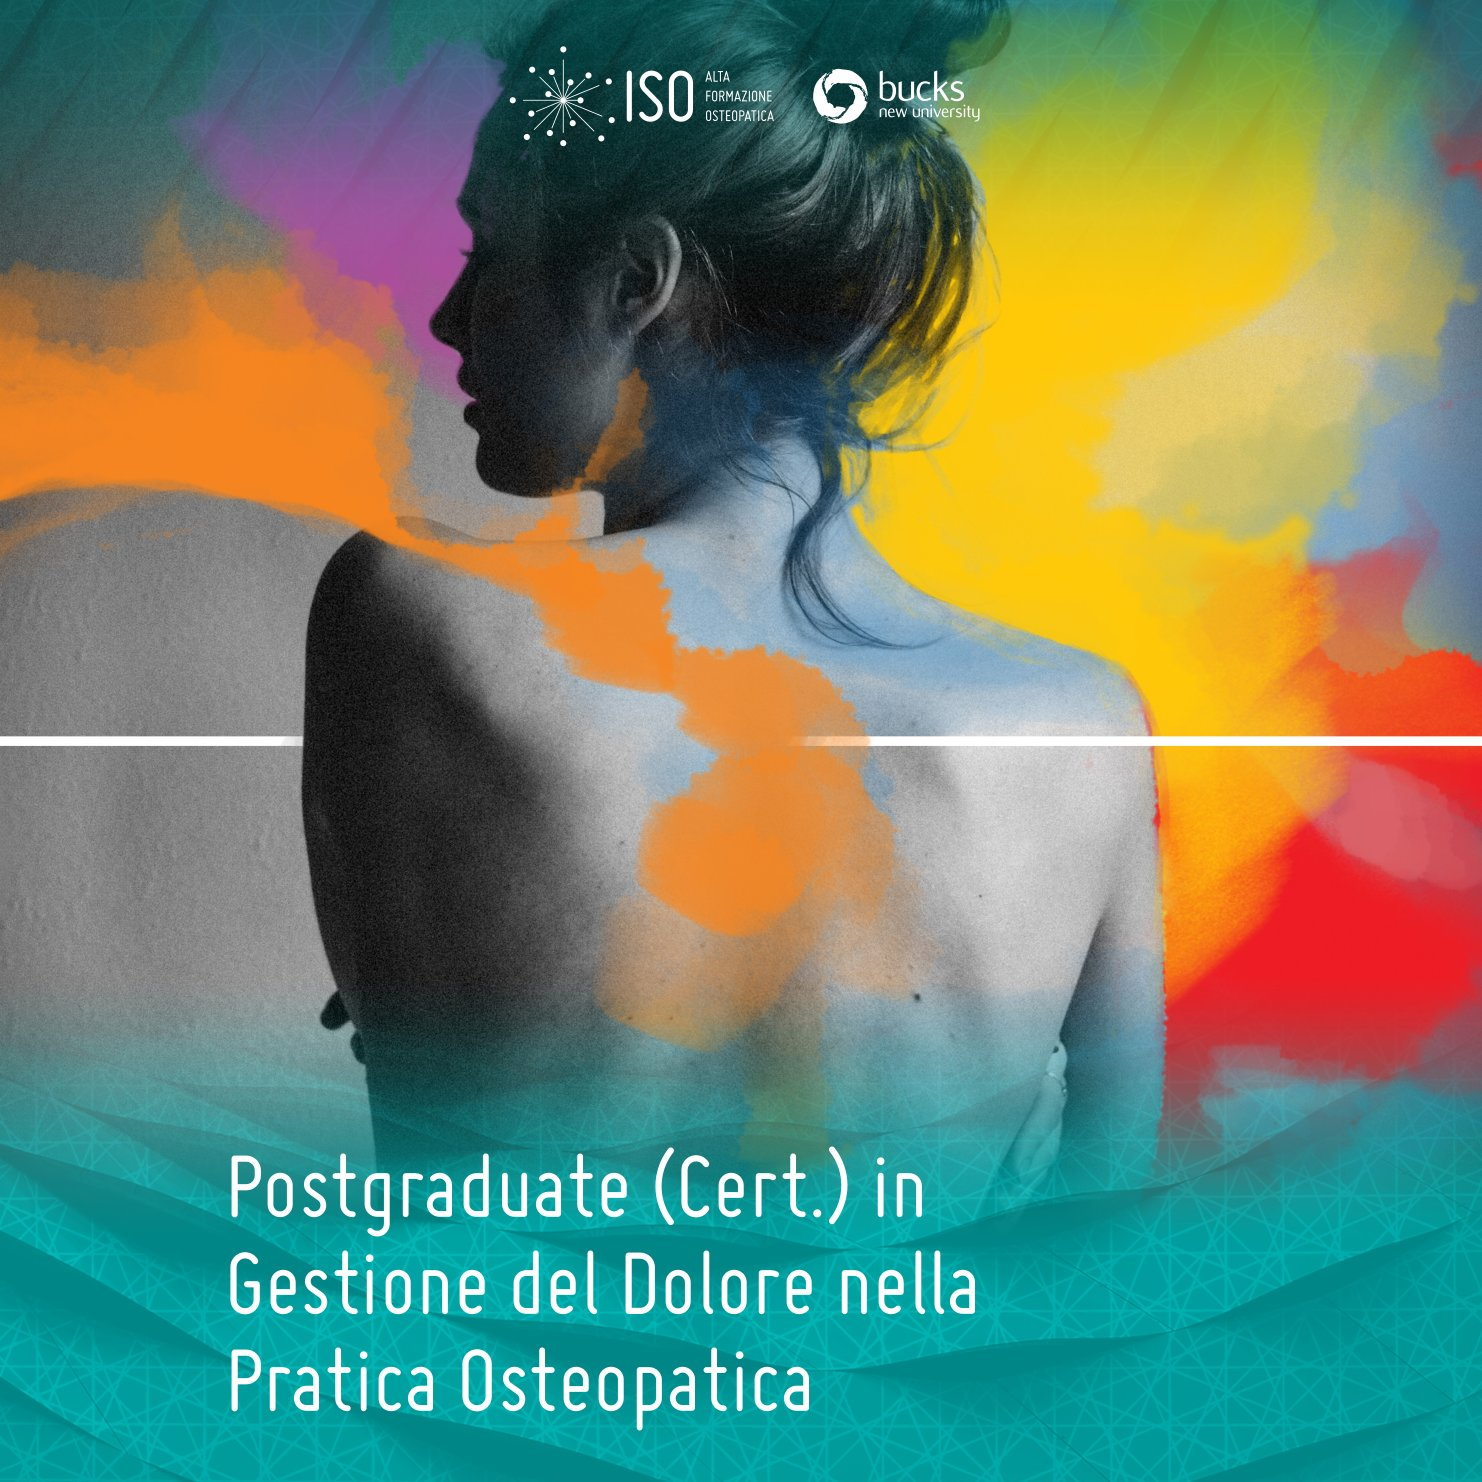 Postgraduate ISO in Gestione del Dolore nella Pratica Osteopatica